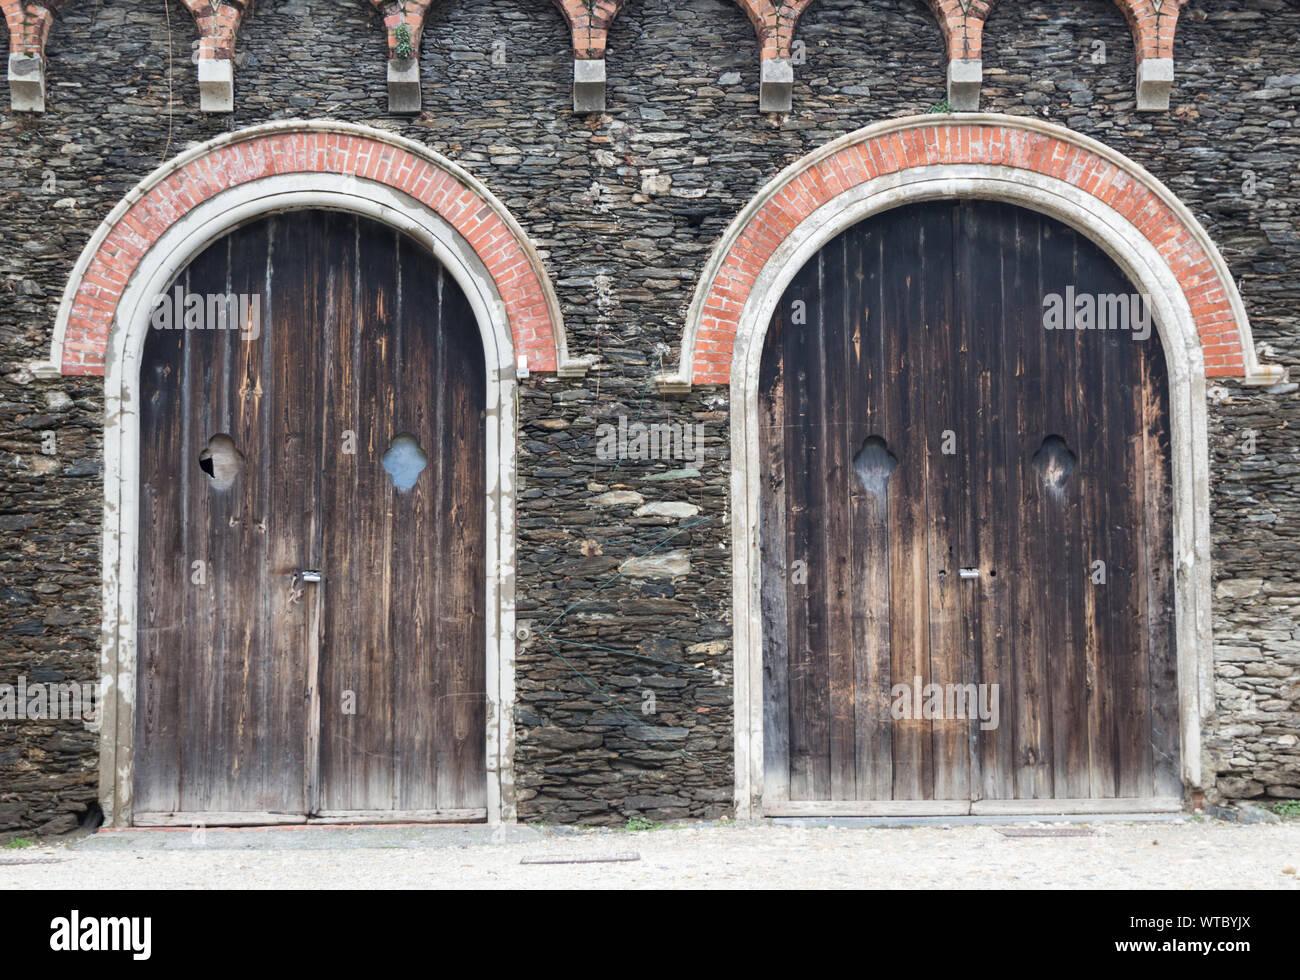 Ancient wooden door, old wooden doors of european building background. Stock Photo